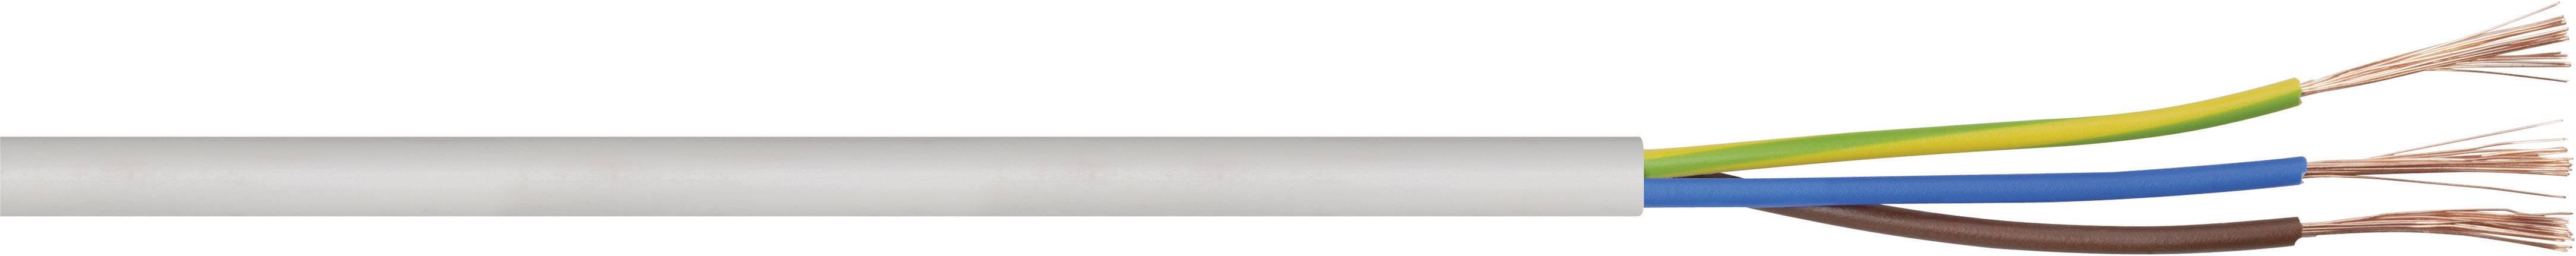 Vícežílový kabel LAPP H03VV-F, 49900069/500, 4 G 0.75 mm², bílá, 500 m